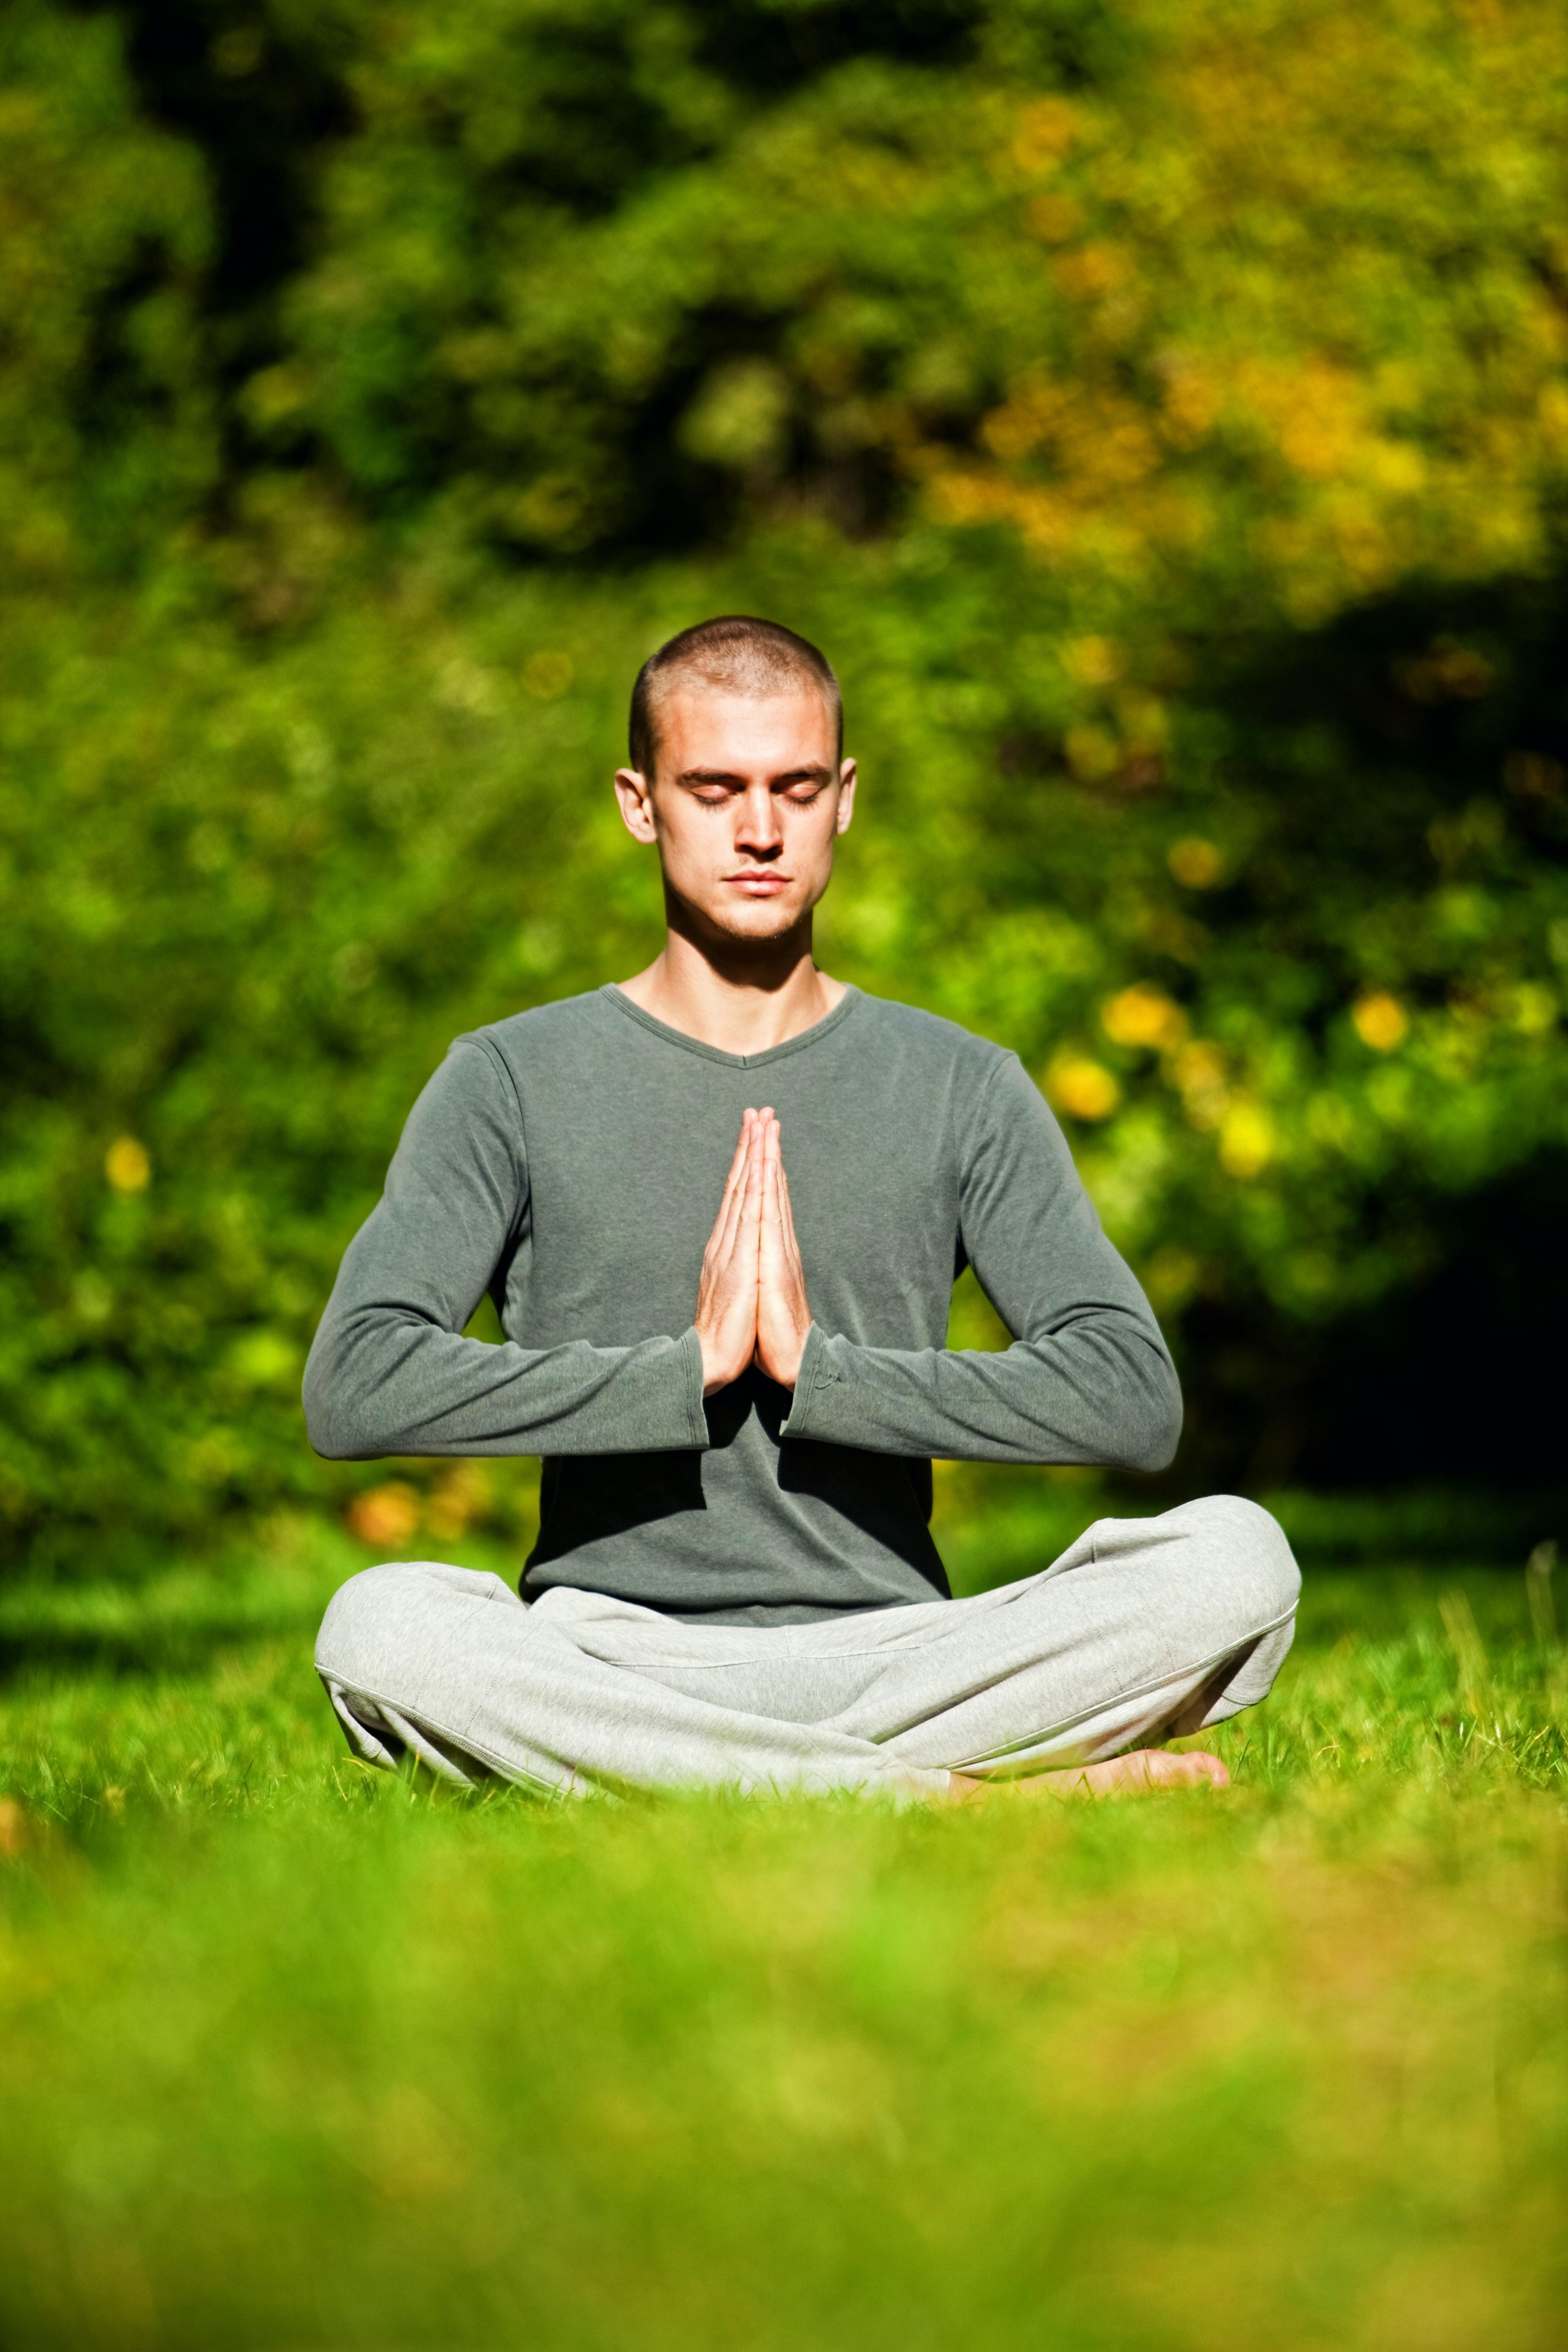 Imagen con etiquetas:HD, Entrenamientos, Interesante, Deporte, Yoga, 50, Recommendations, Salud